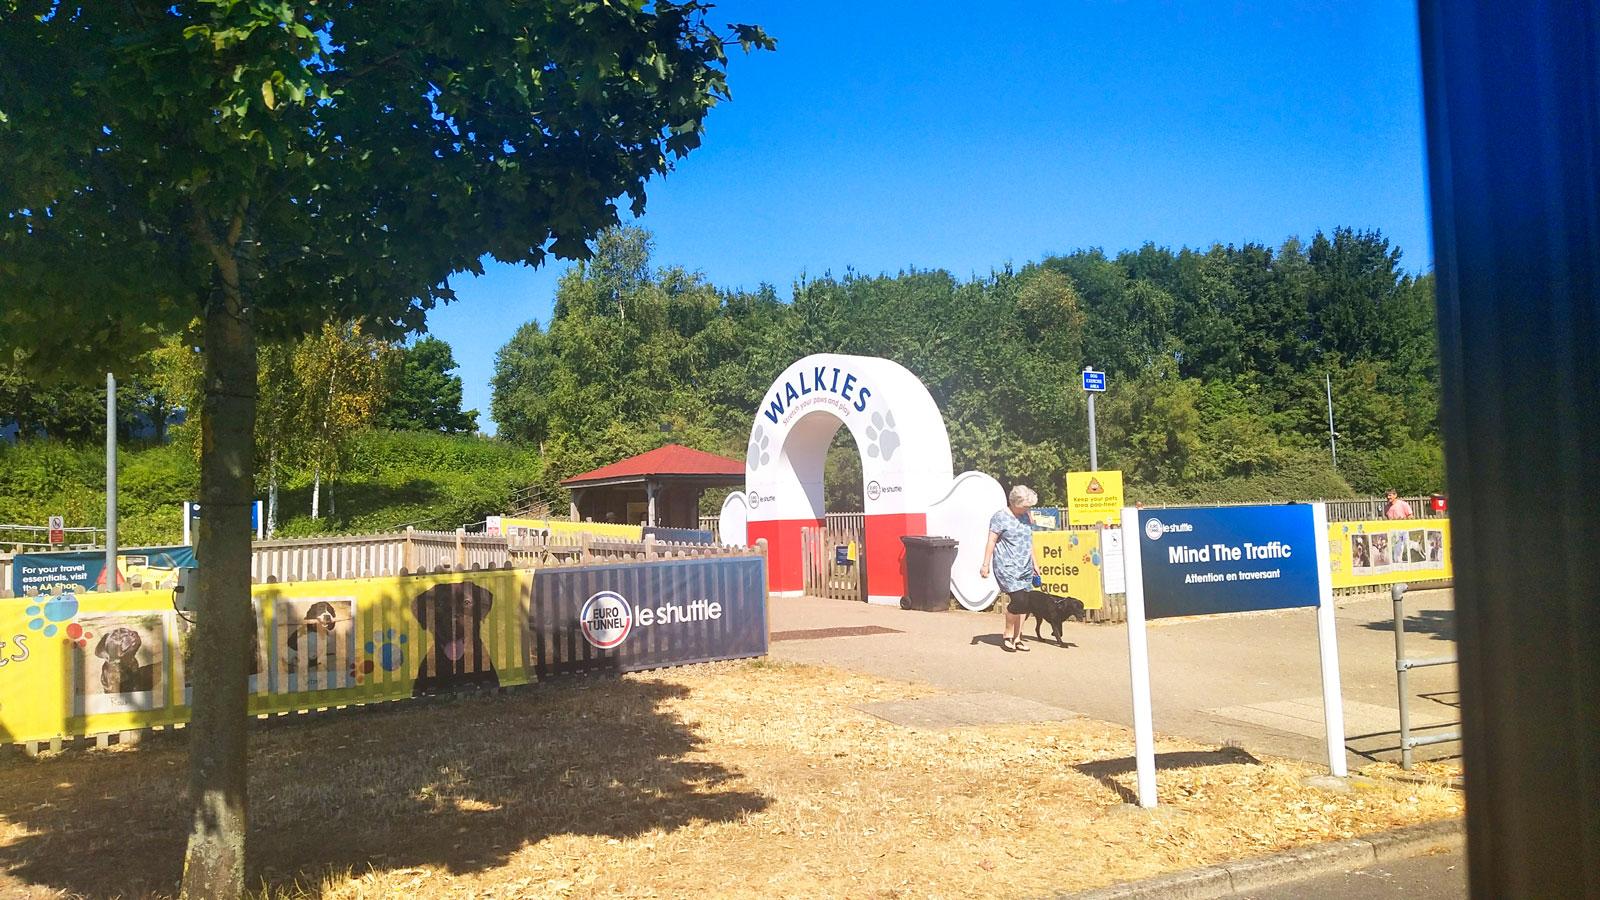 Vid shoppingterminalen finns en aktivitetspark för barne… nej för hundar. Tåget är populärt hos hundägare.